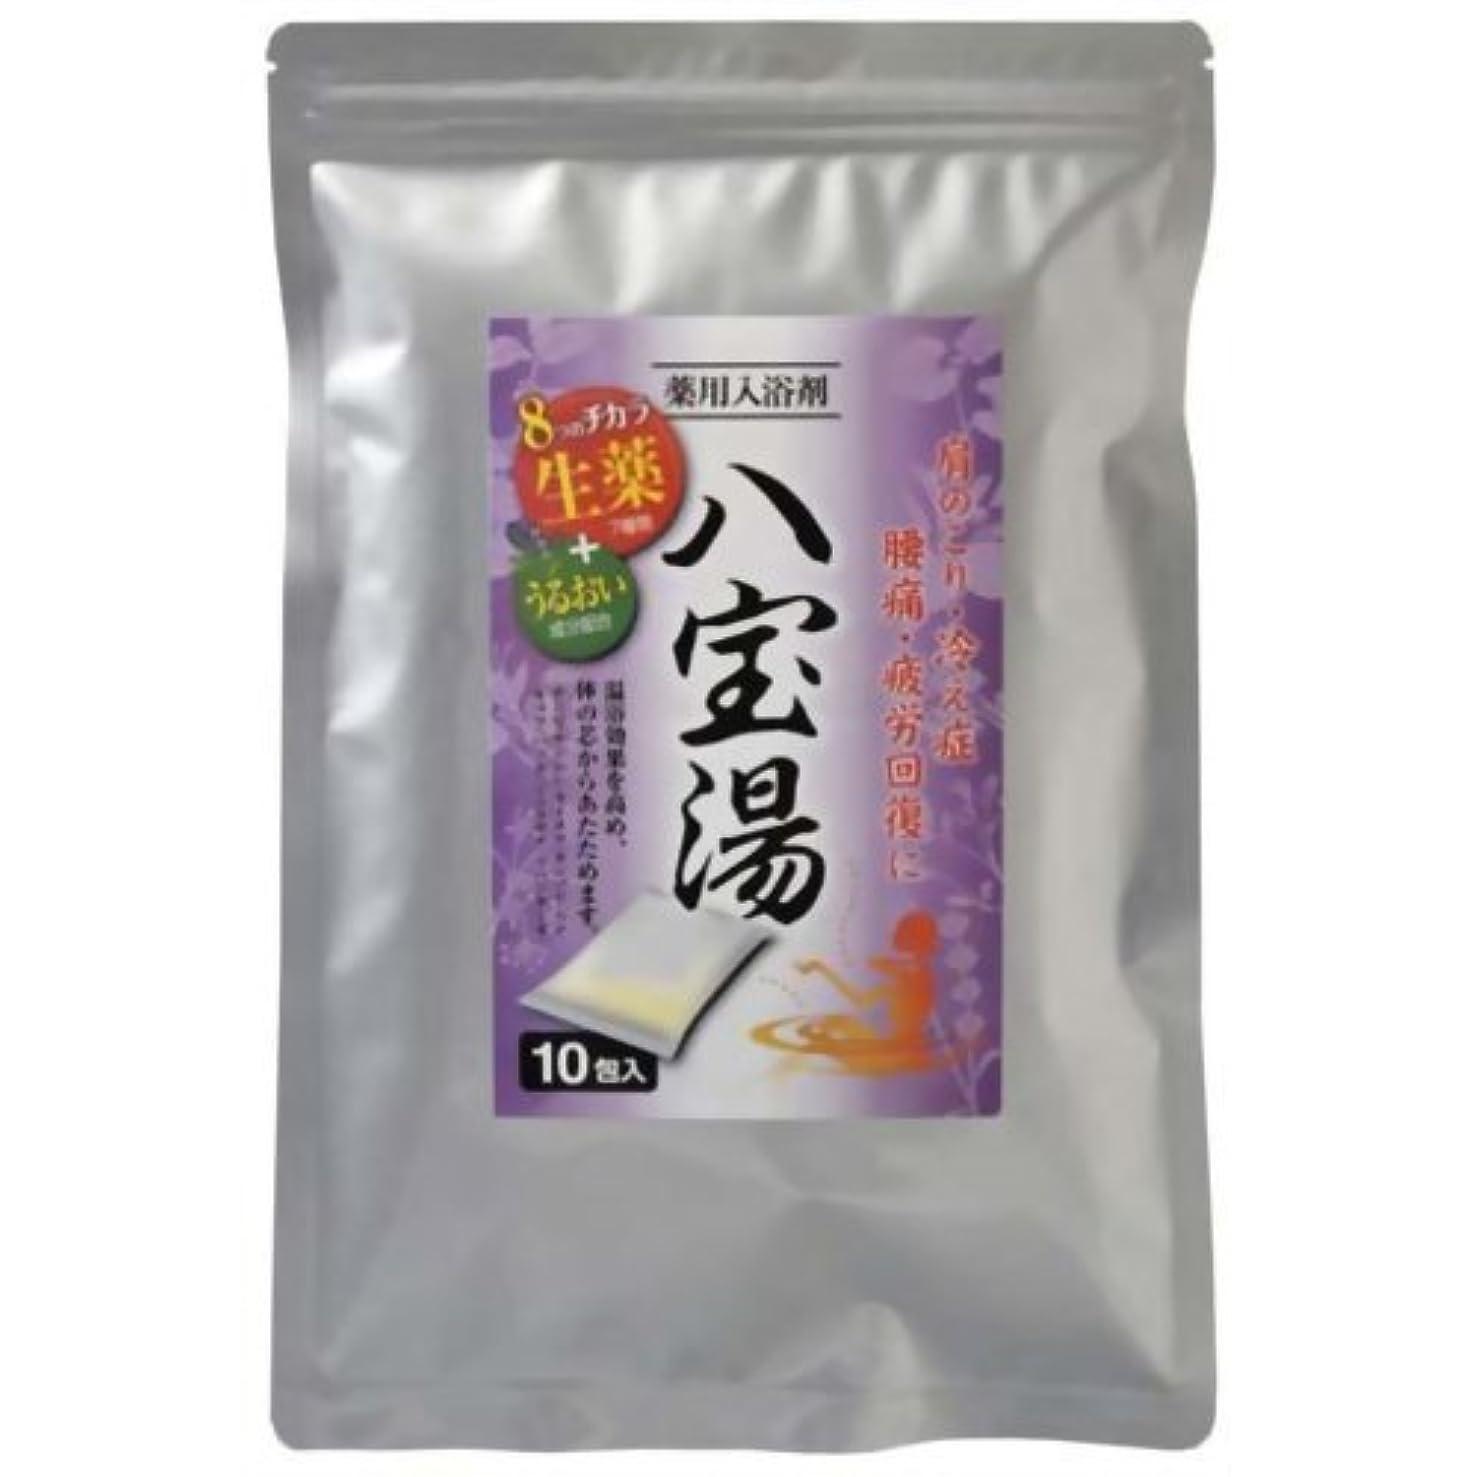 層多分無能薬用入浴剤 八宝湯 ラベンダーの香り 10包 医薬部外品